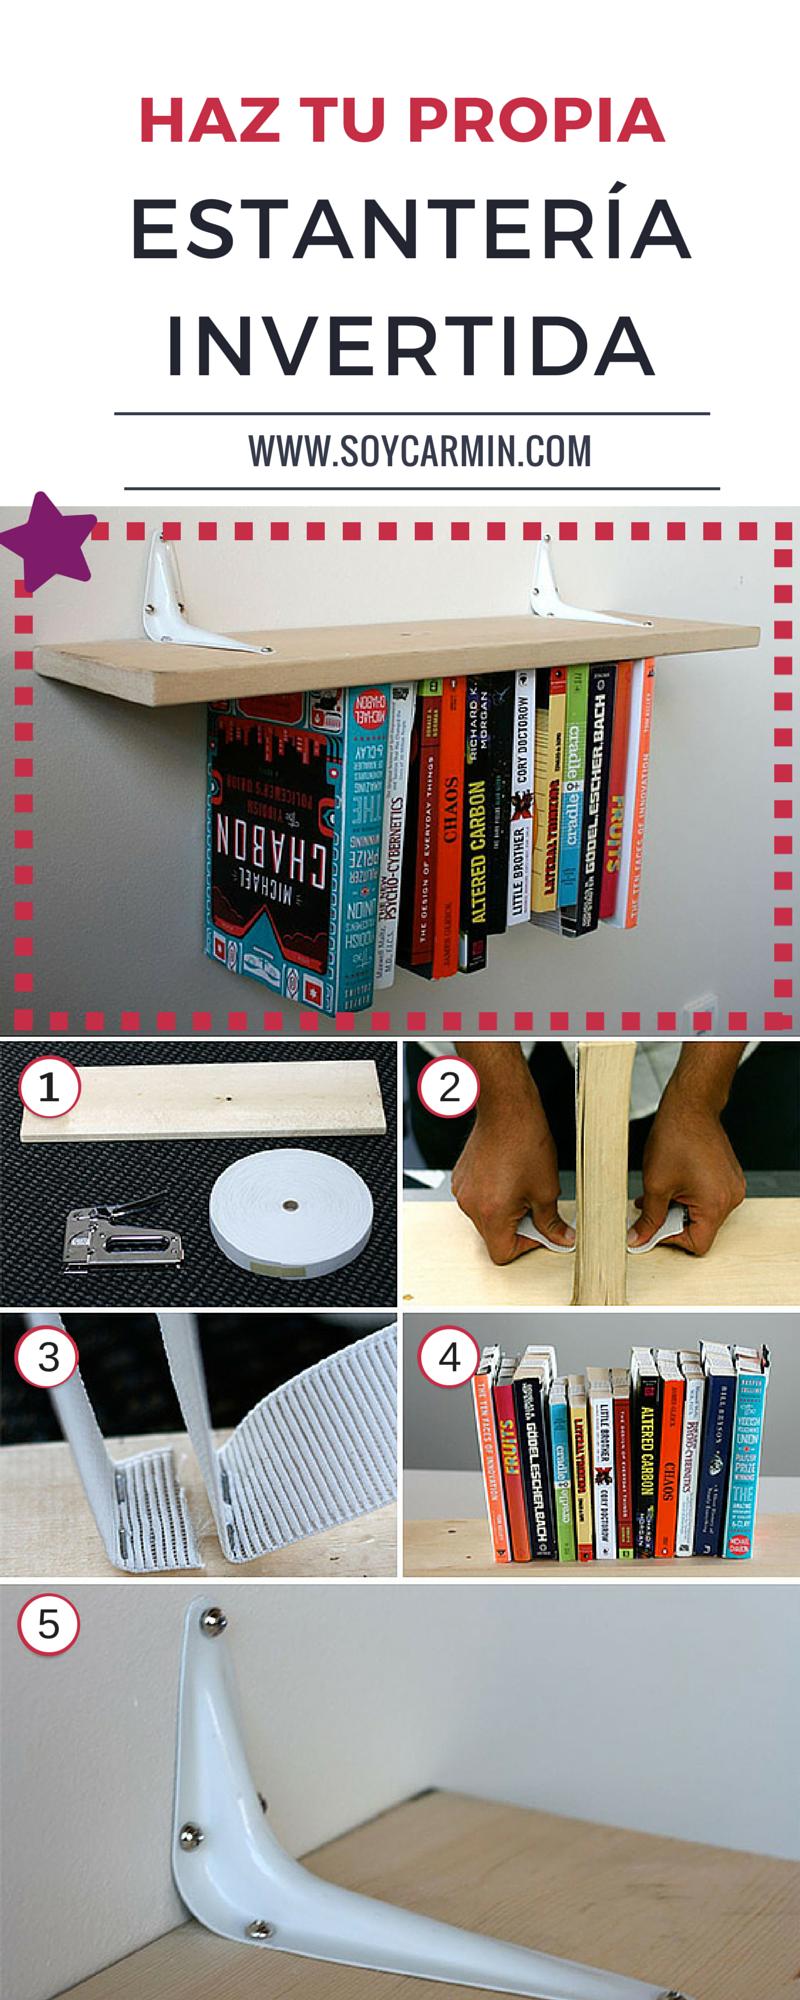 Como Sujetar Libros En Una Estanteria